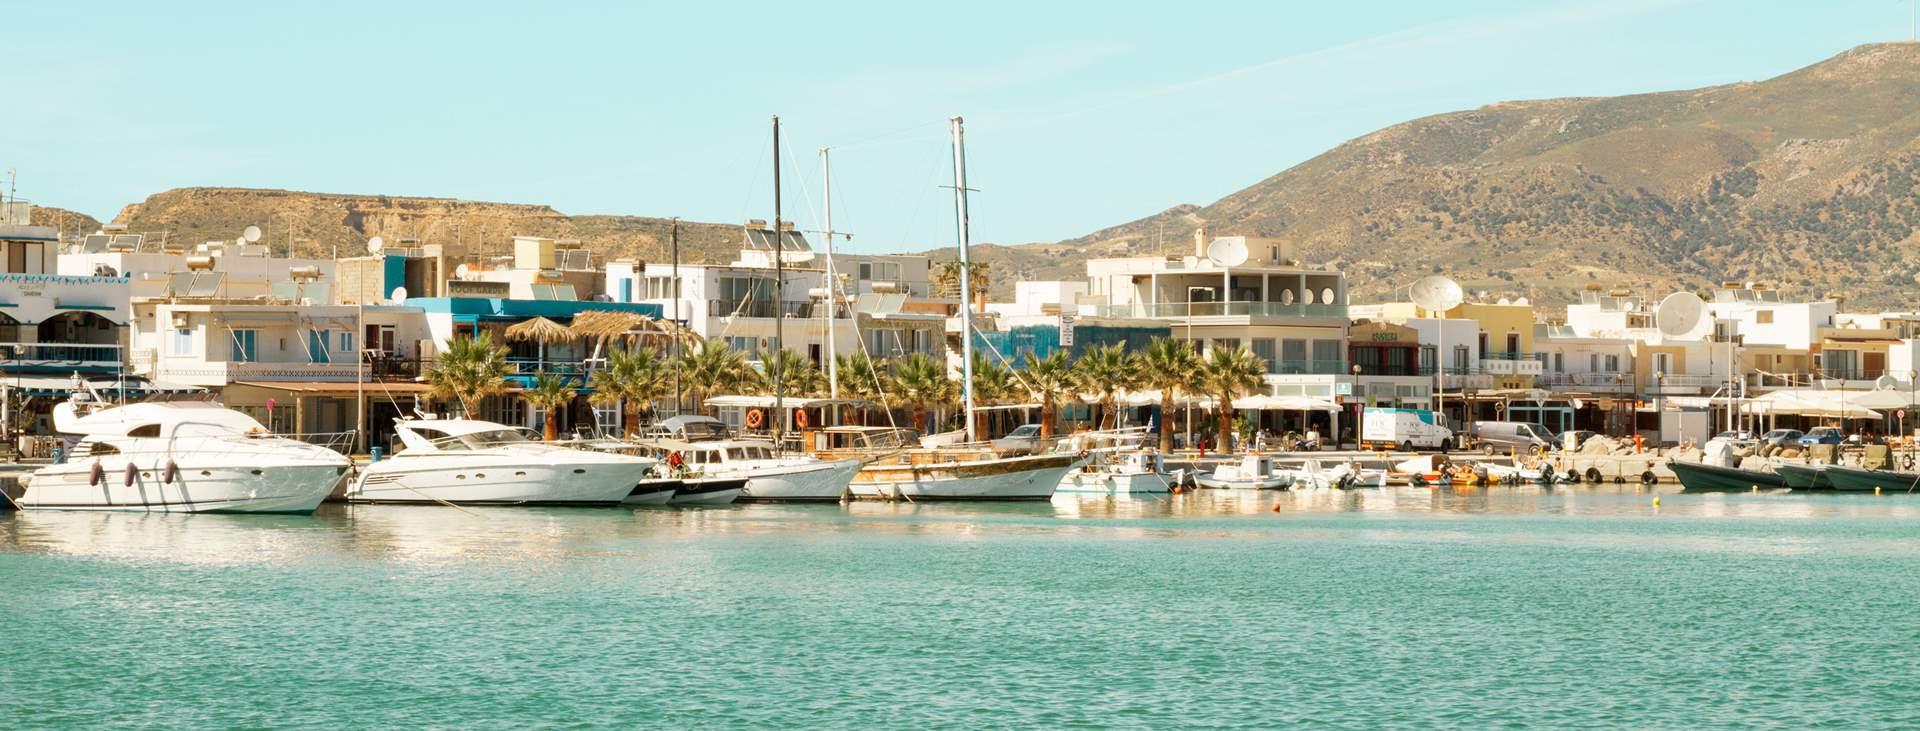 Bestill en reise med Ving til Kardamena på den greske øya Kos